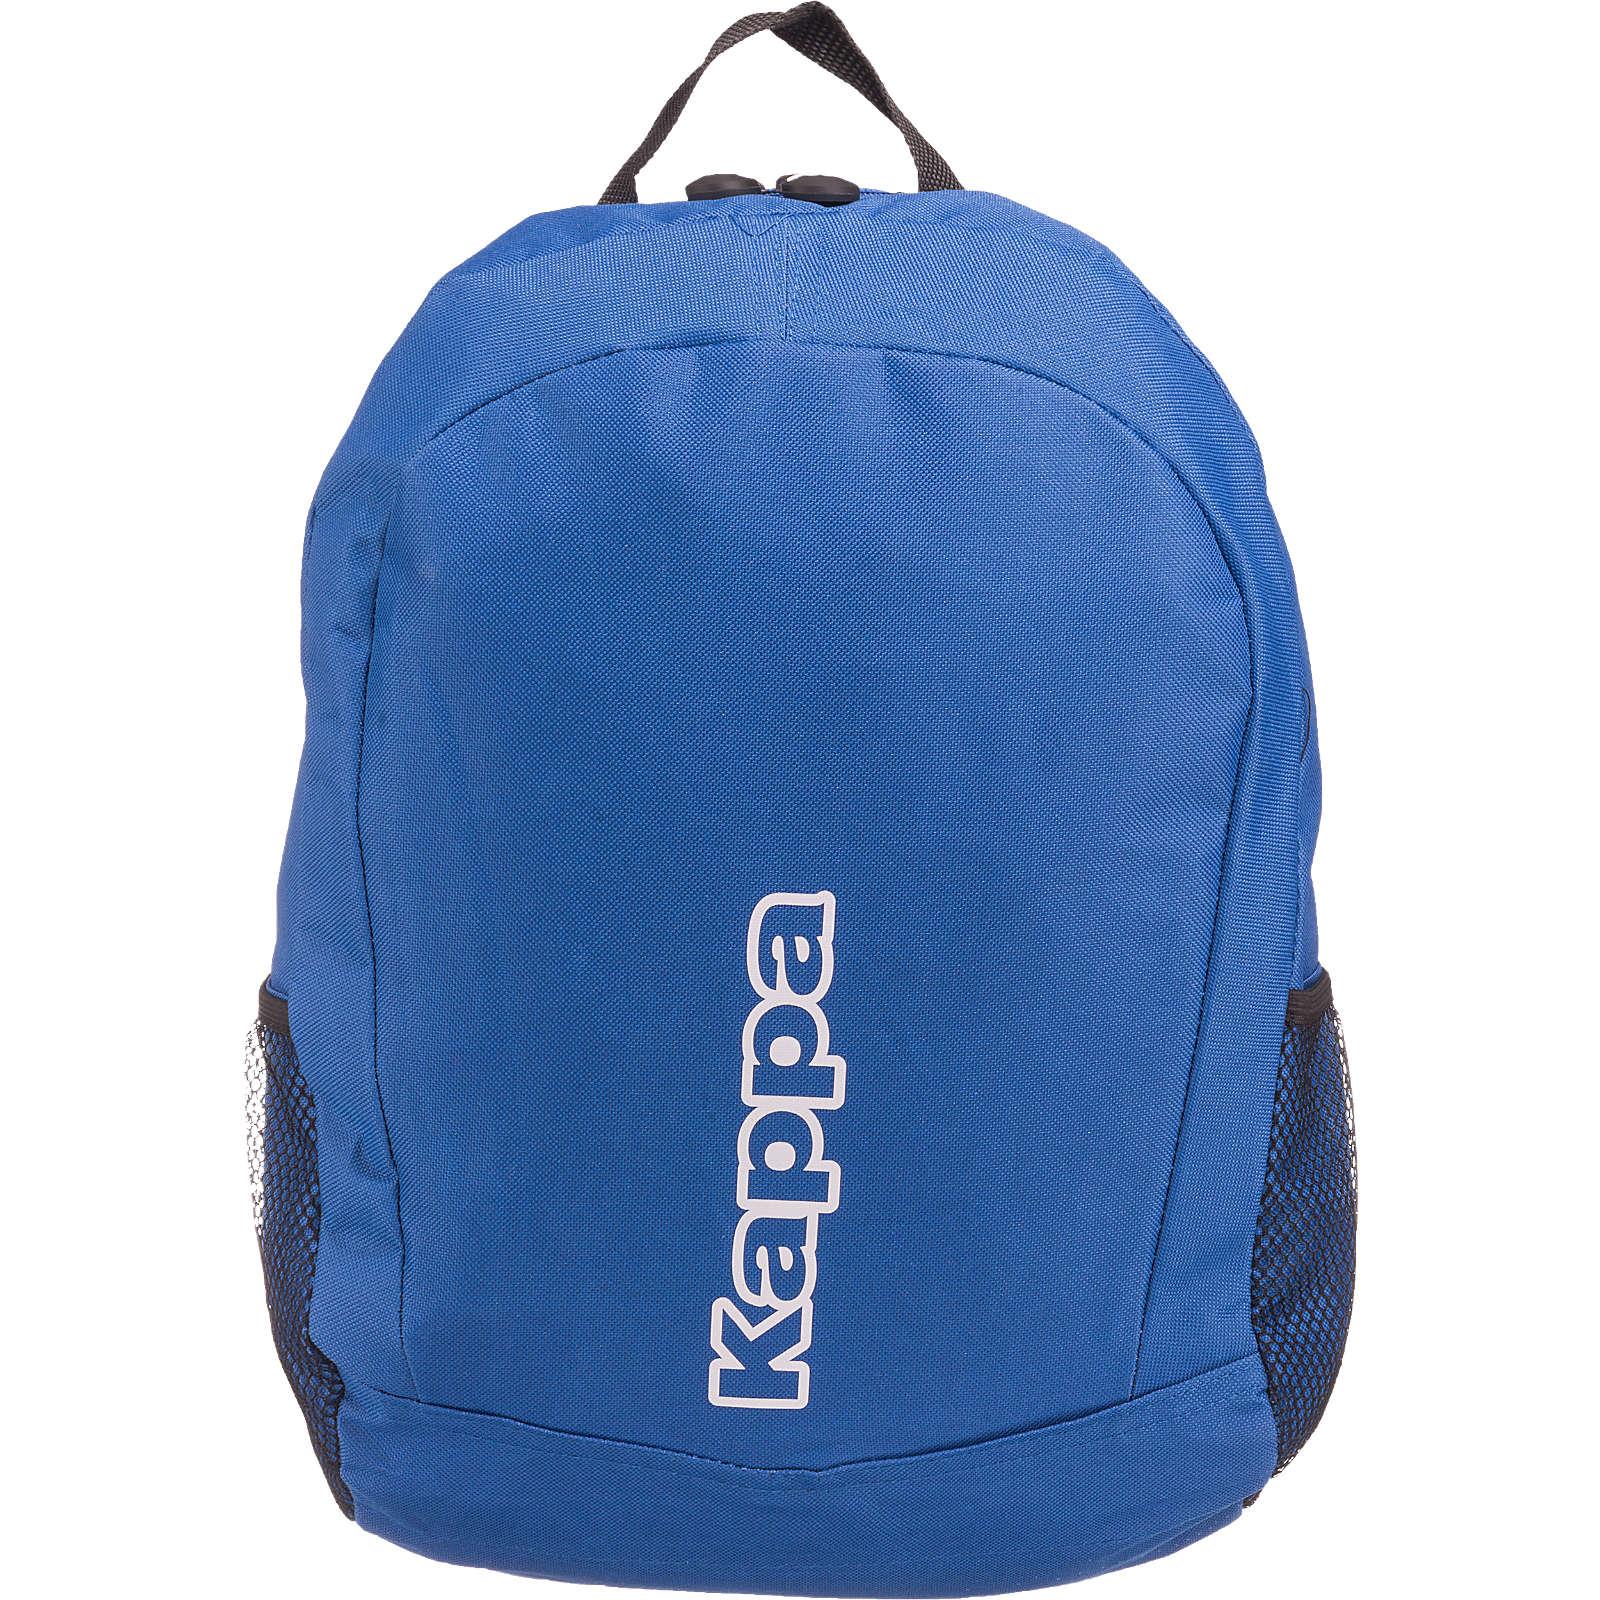 Kappa Kinder Rucksack TEPOS Gr. one size jetztbilligerkaufen